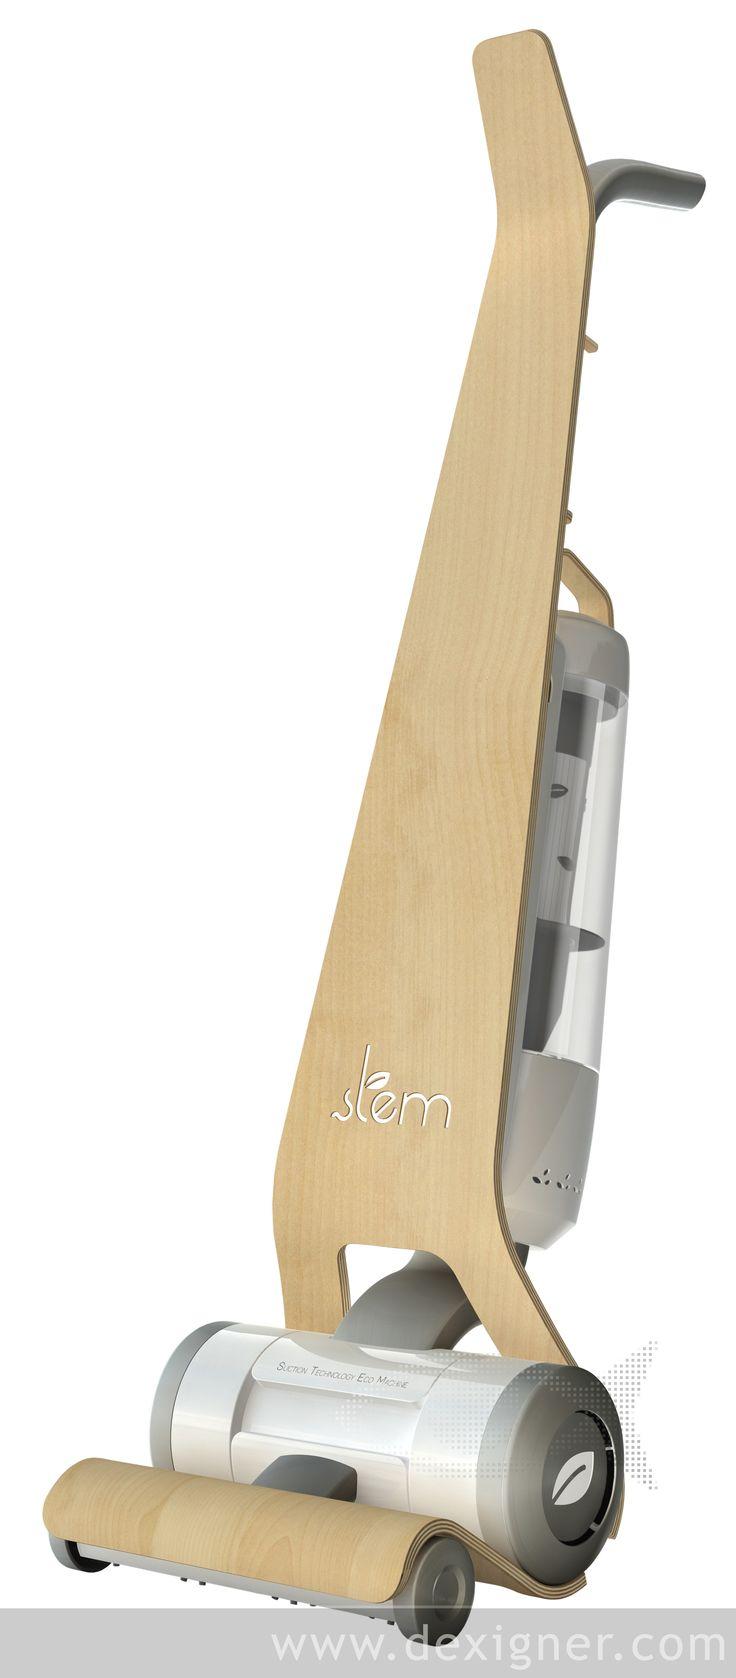 Stem: Eco-friendly Vacuum Design